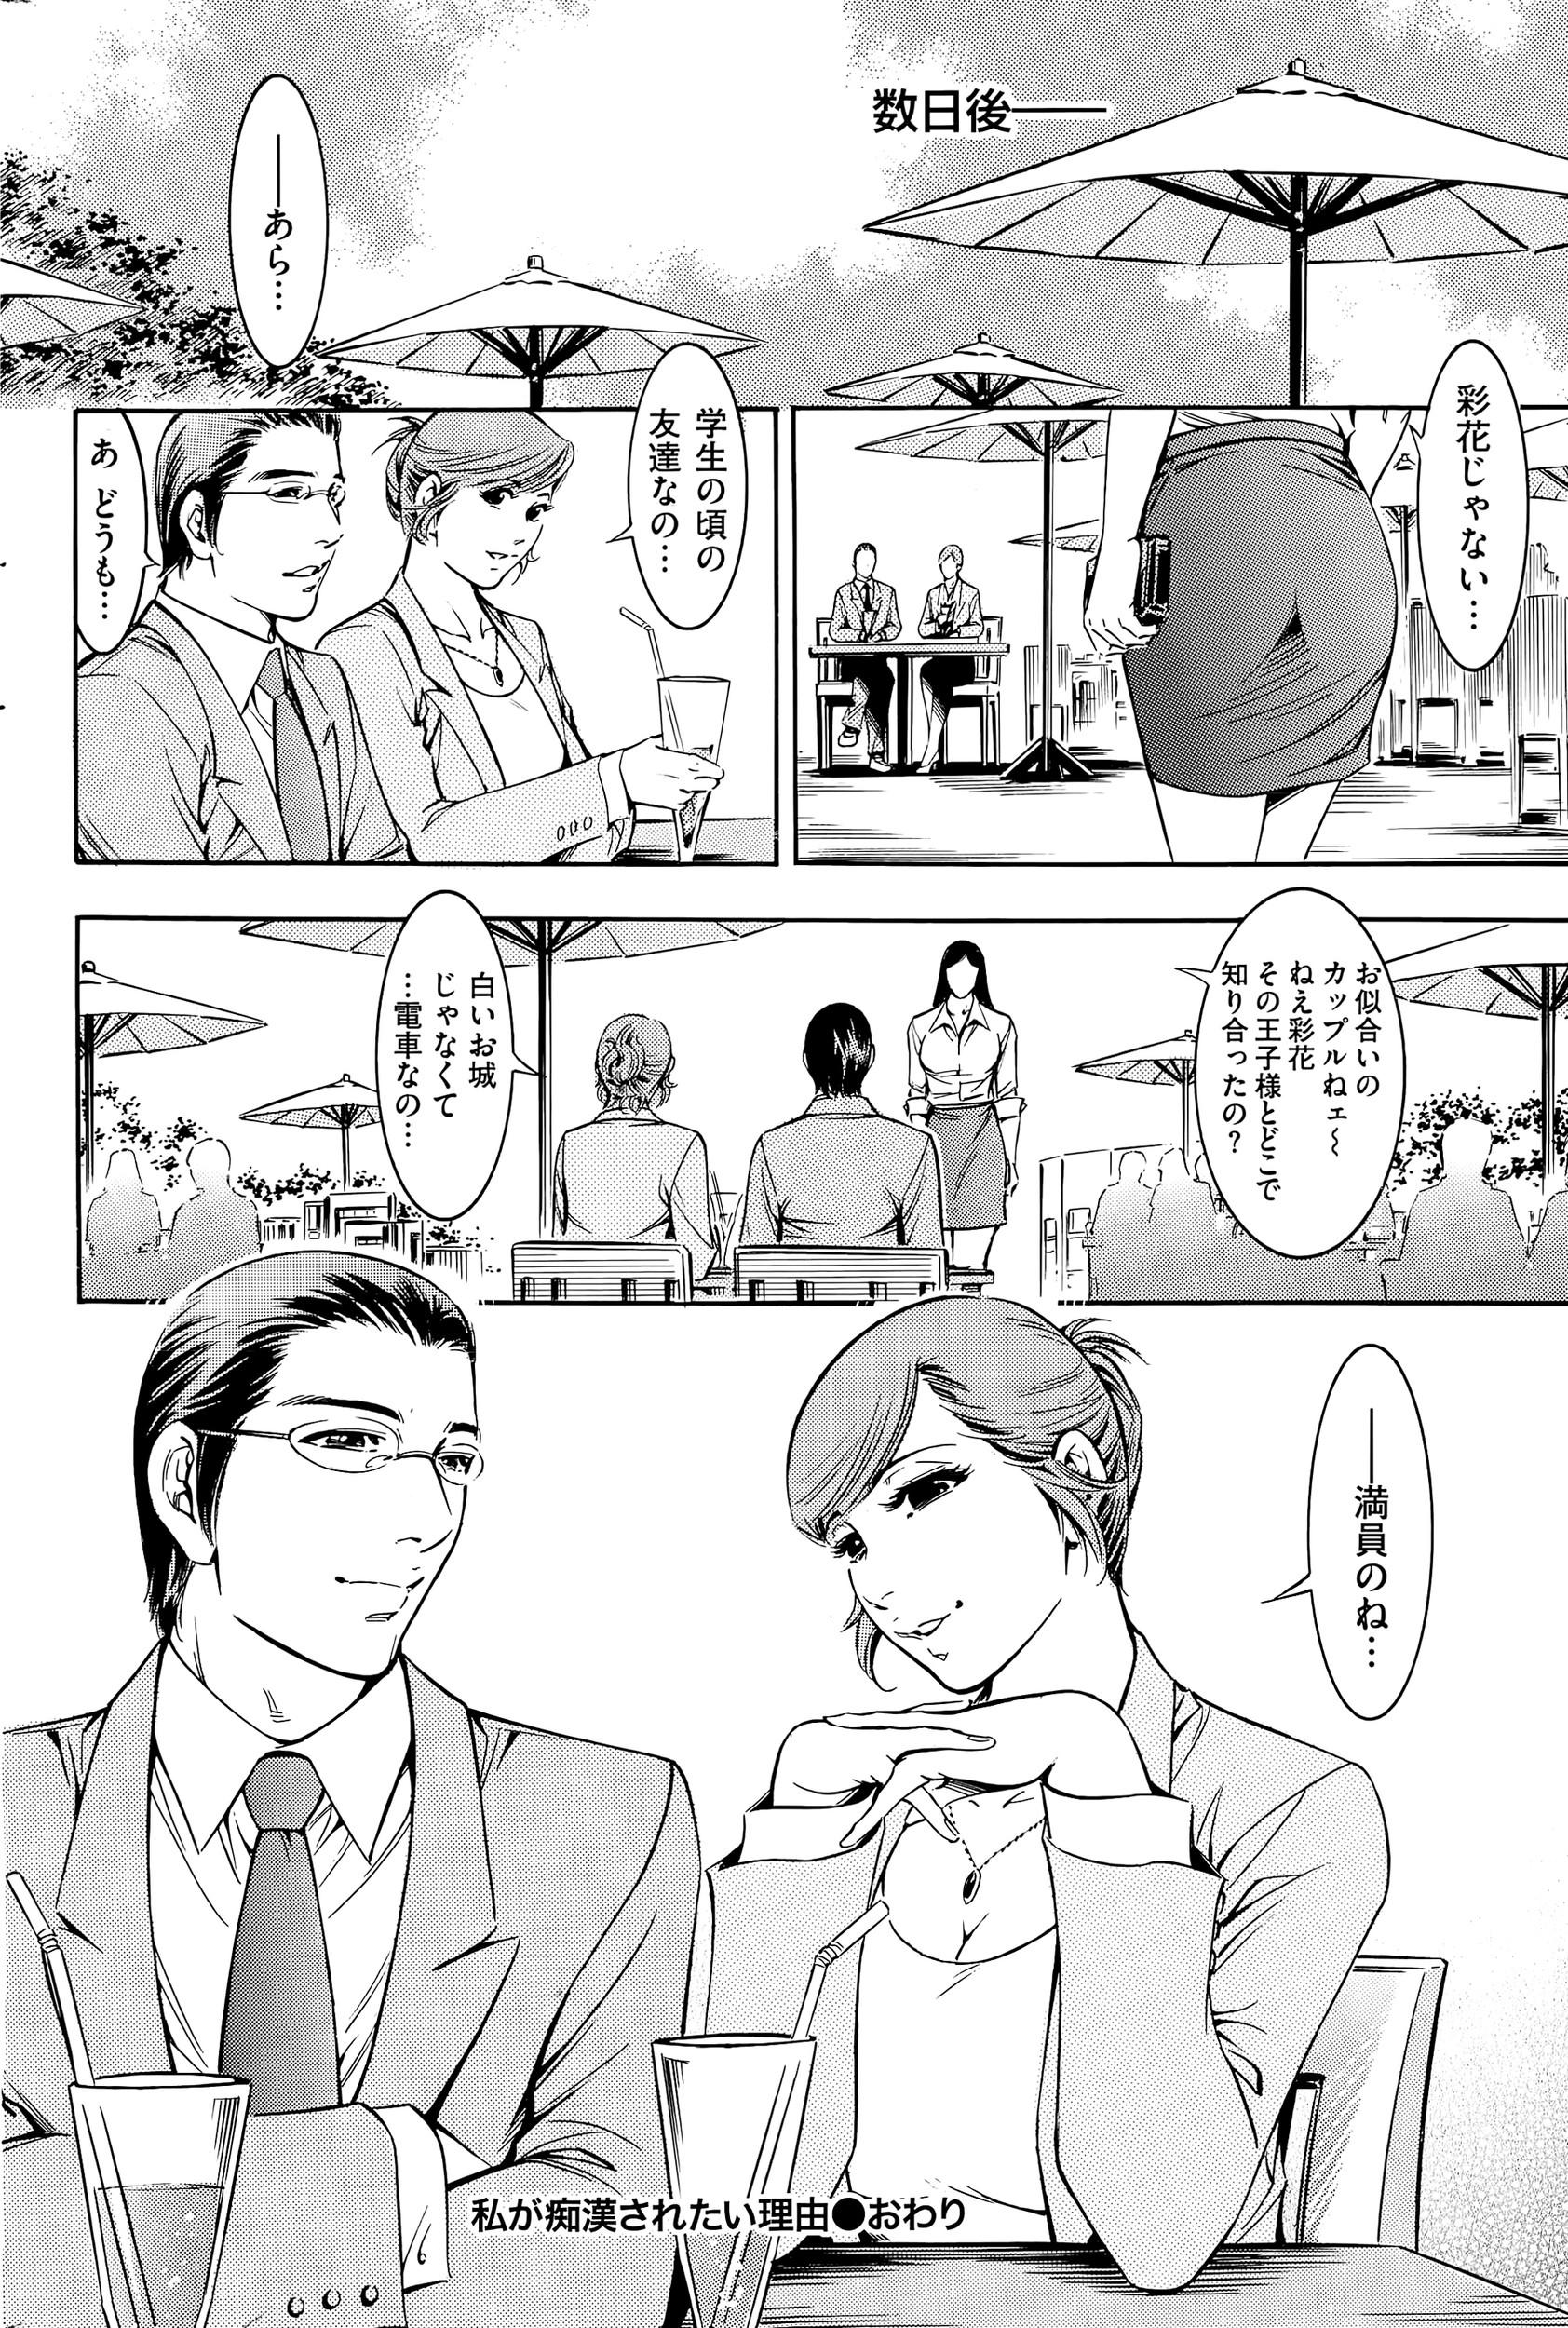 【エロ漫画・エロ同人】痴漢されたくてしょうがない巨乳OLwww (18)